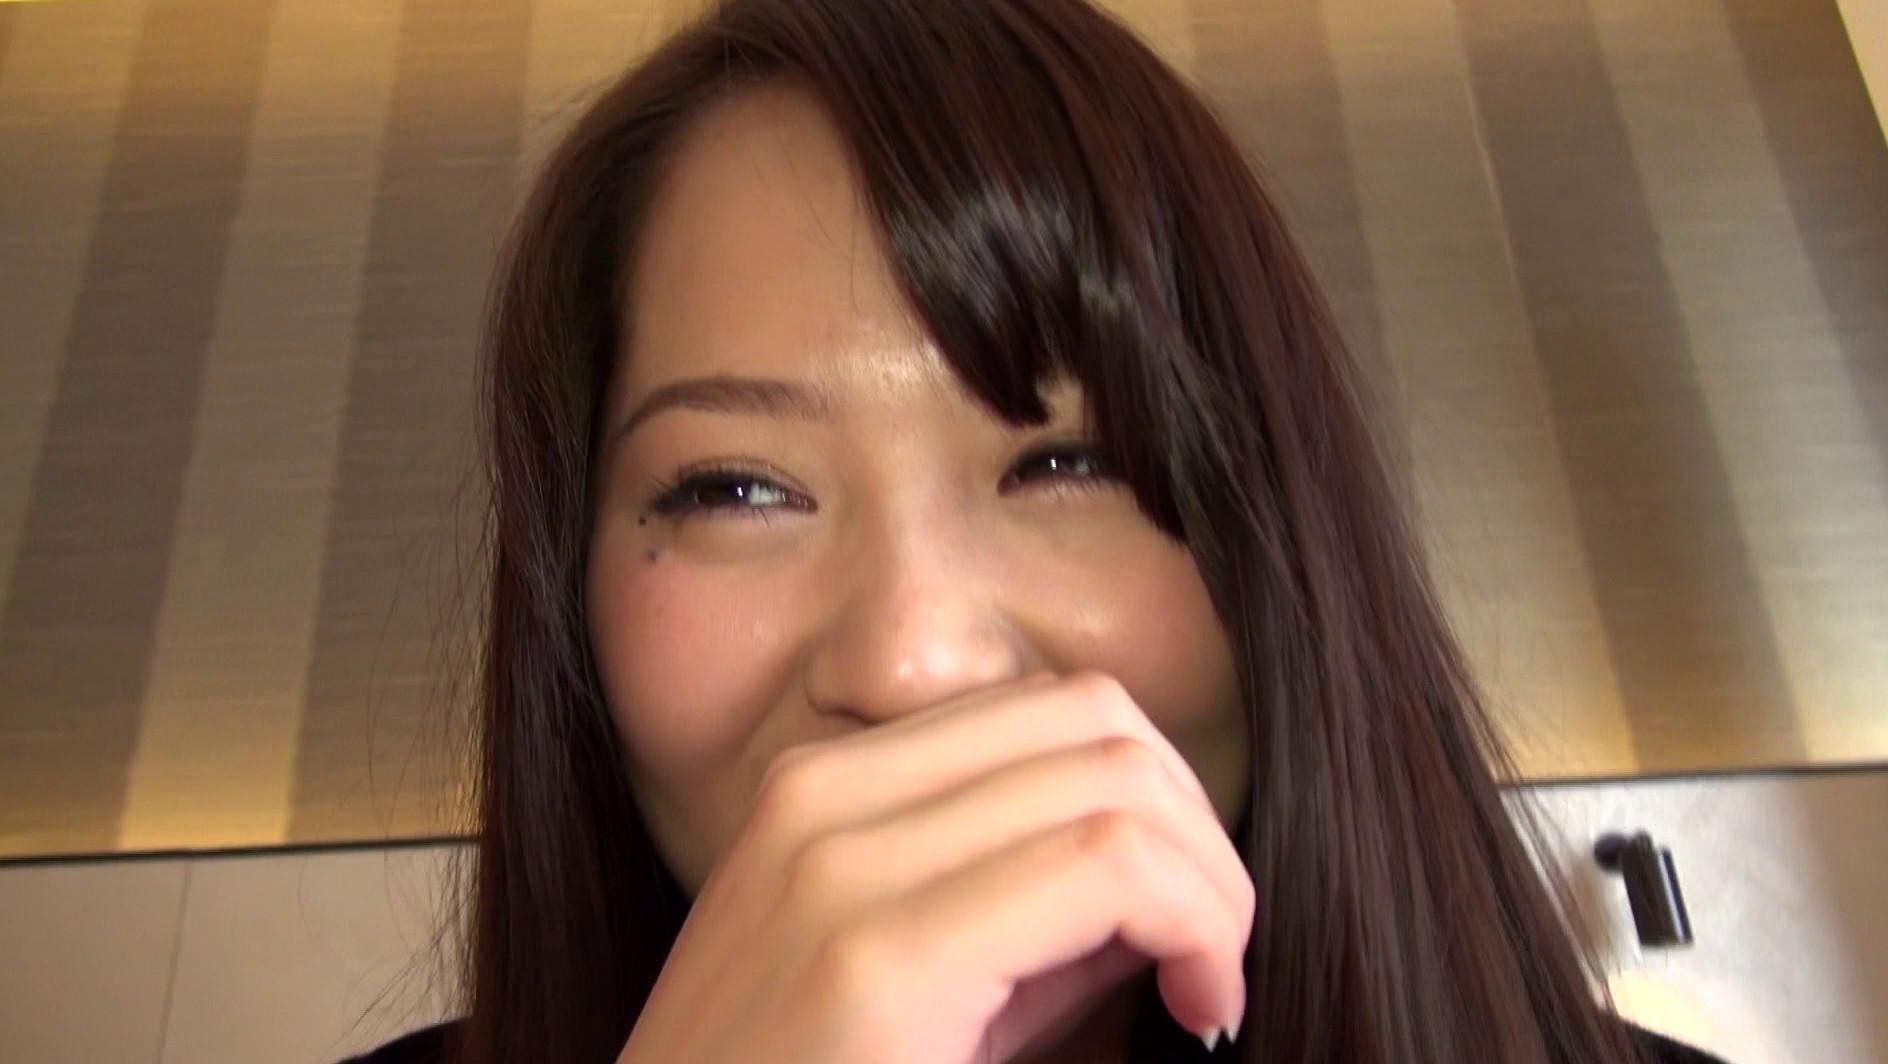 【独占放送】かわいい素○娘をナンパしてハメる! みほ/ゆあ3